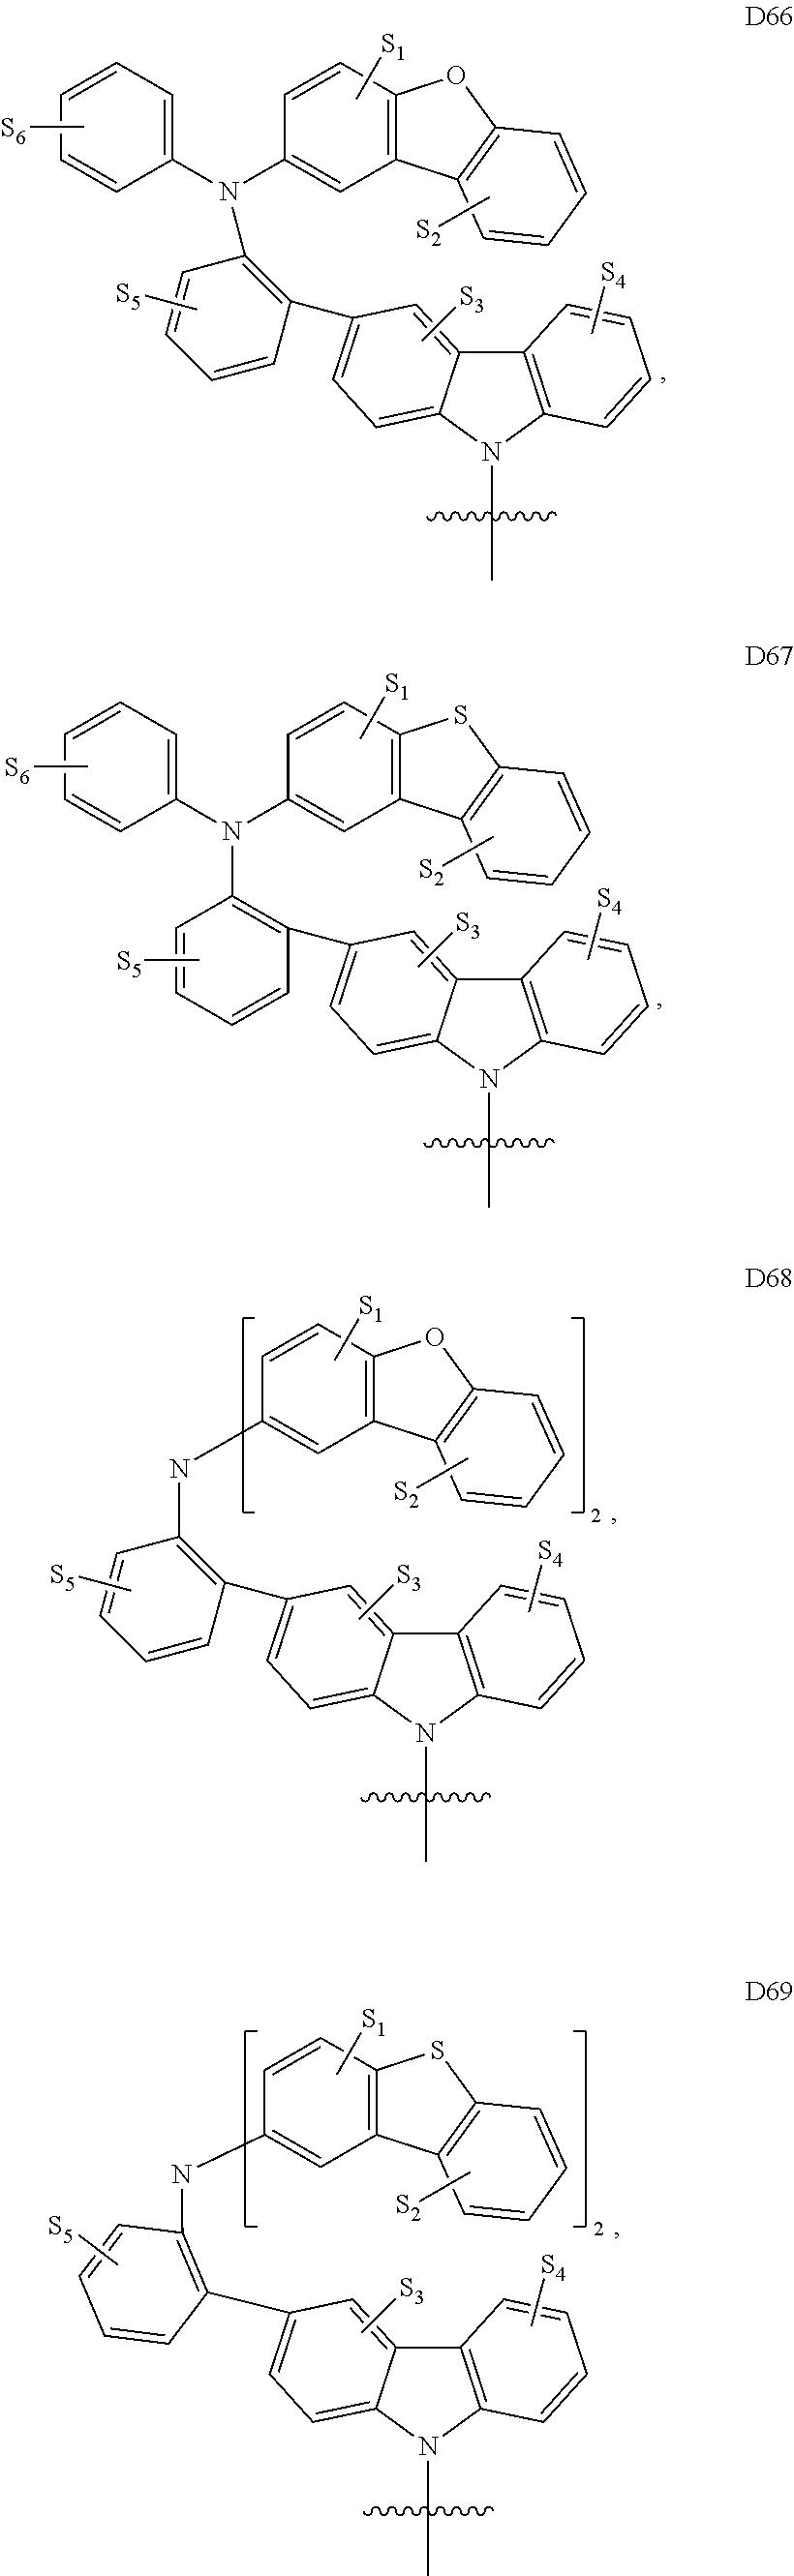 Figure US09537106-20170103-C00029